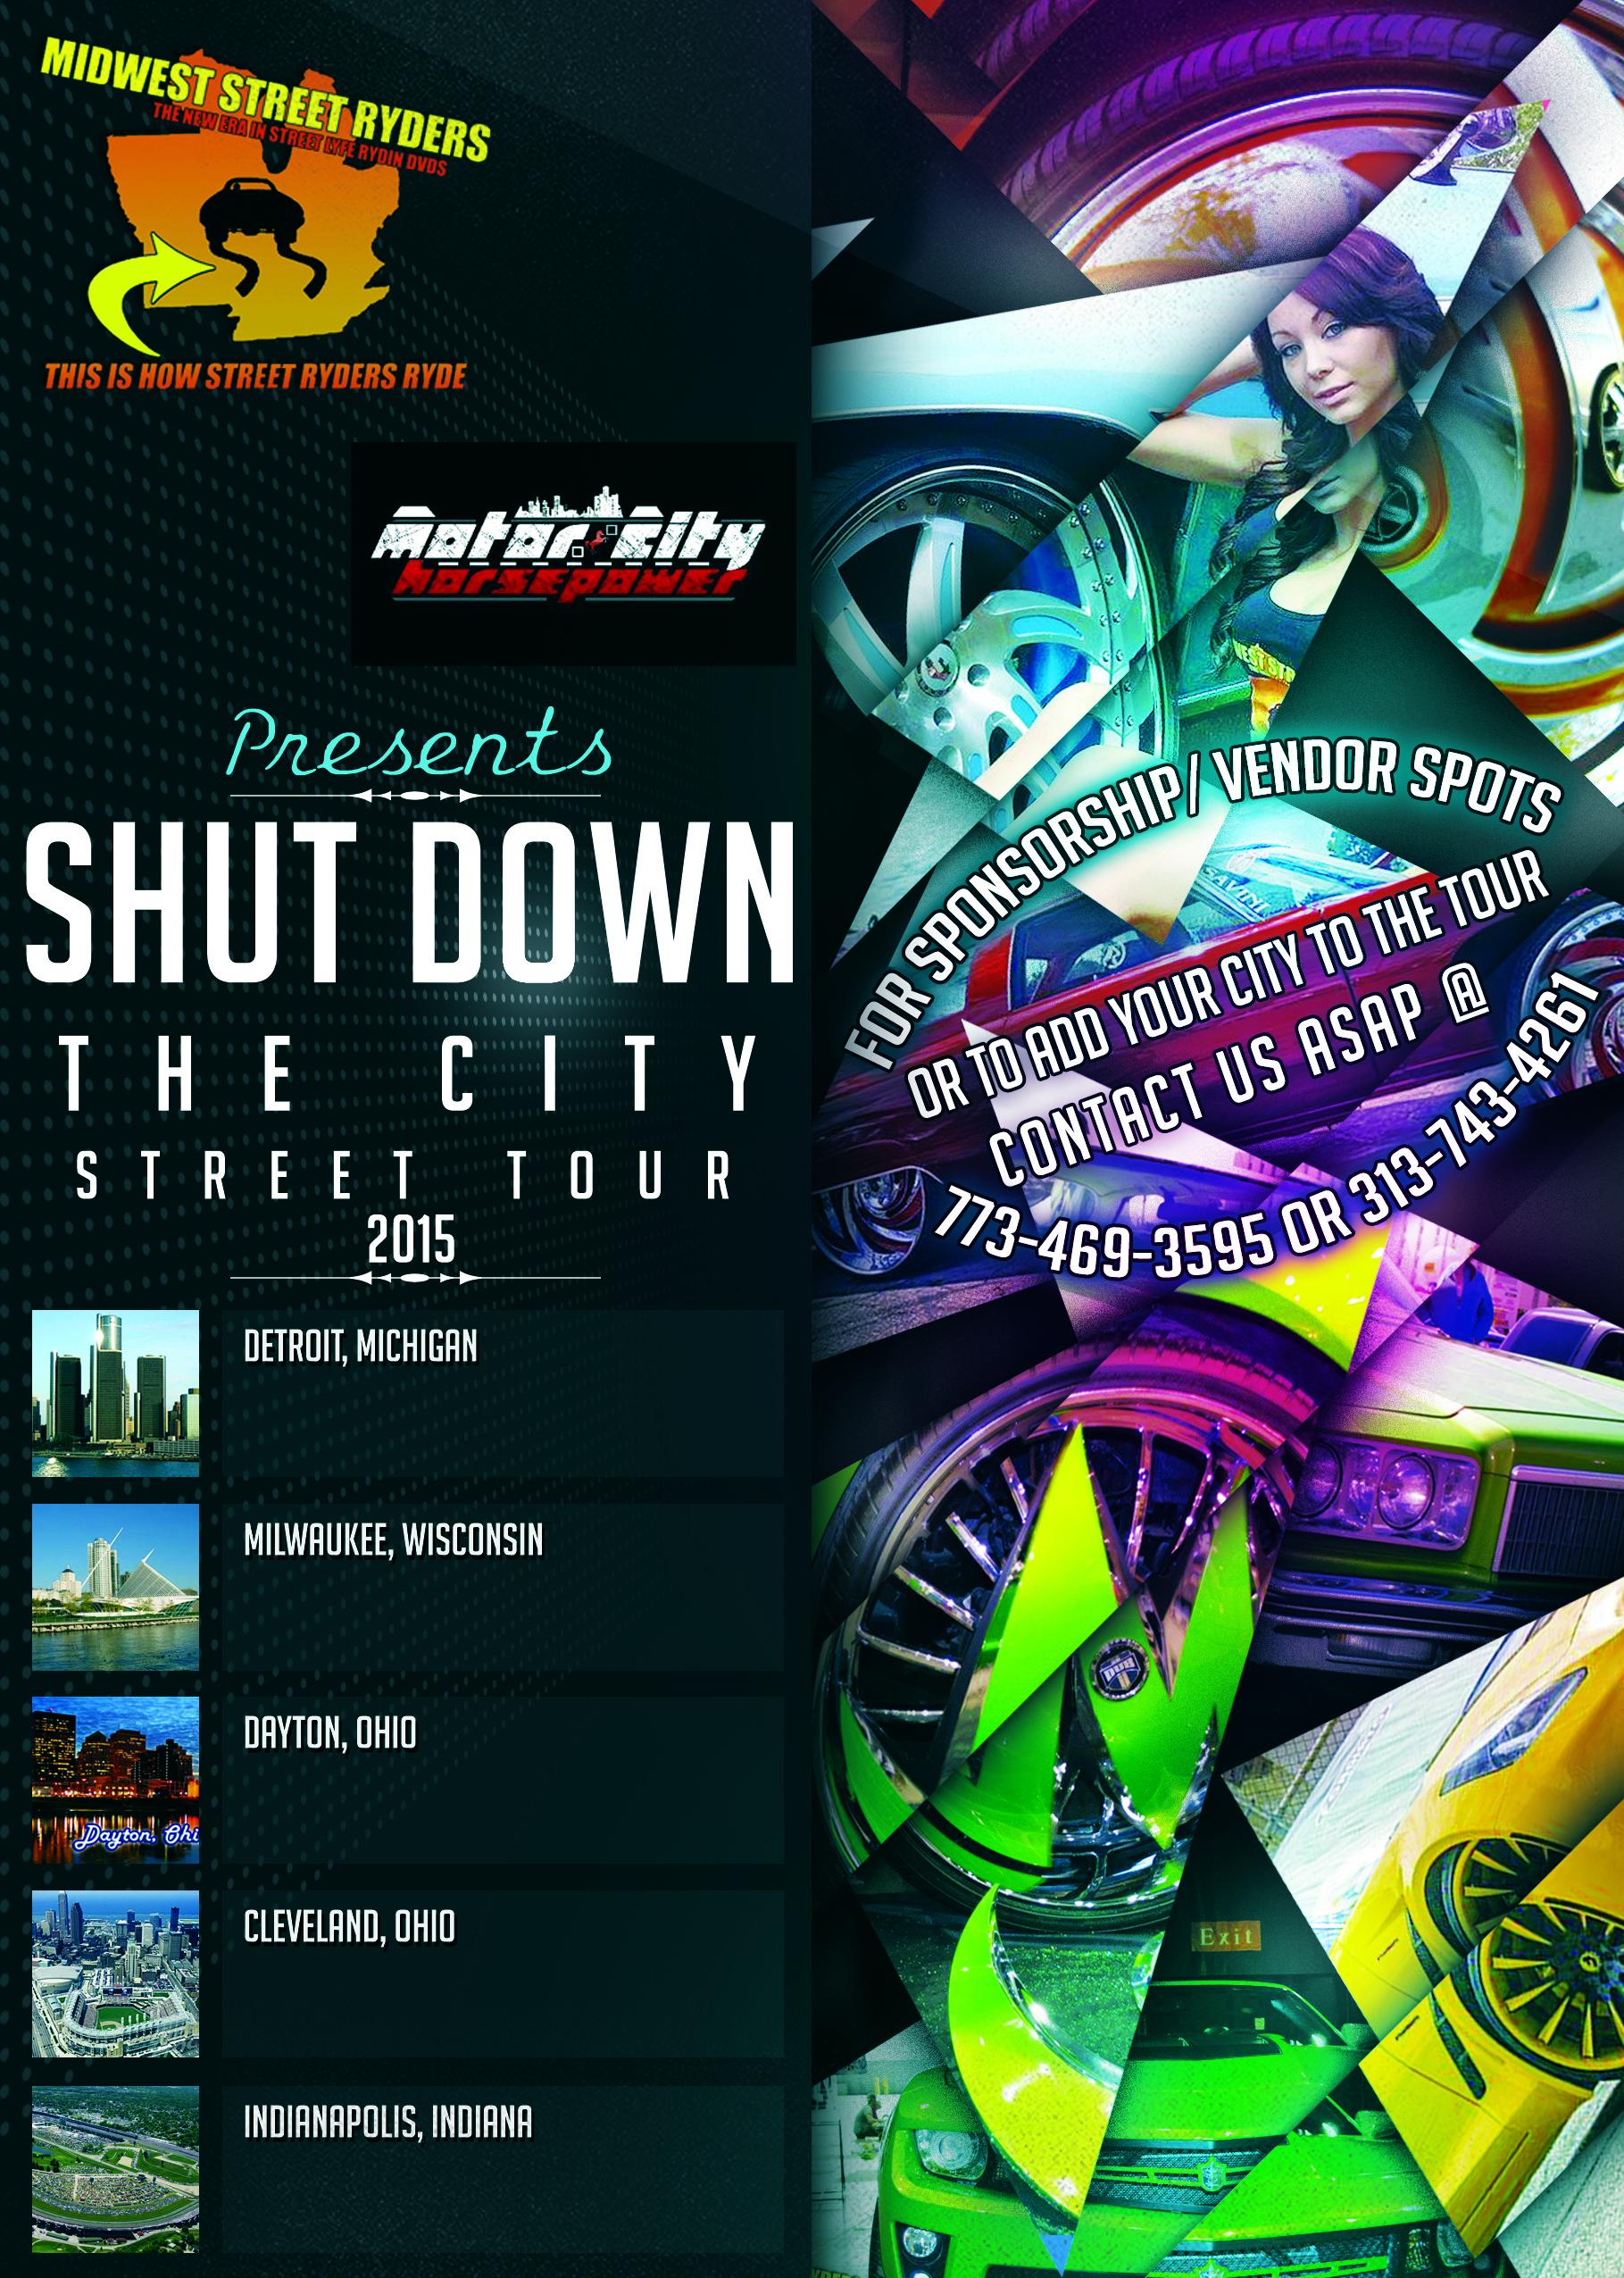 shutdowncity(no tag)